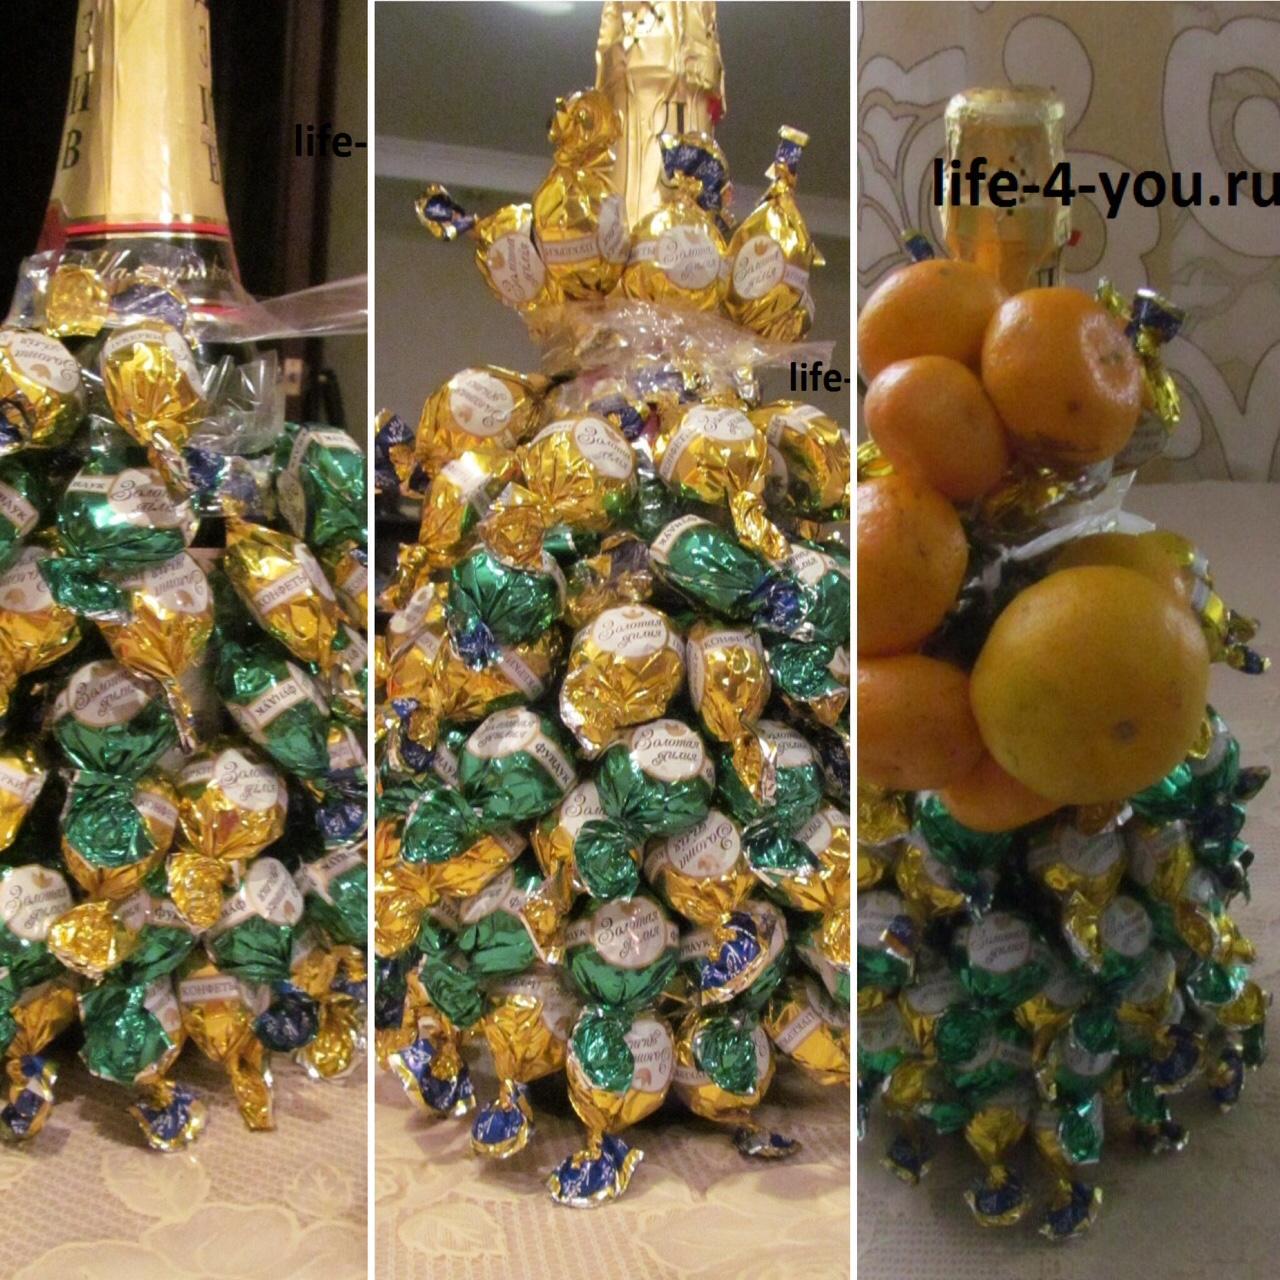 Сделать новогодний подарок своими руками мастер класс